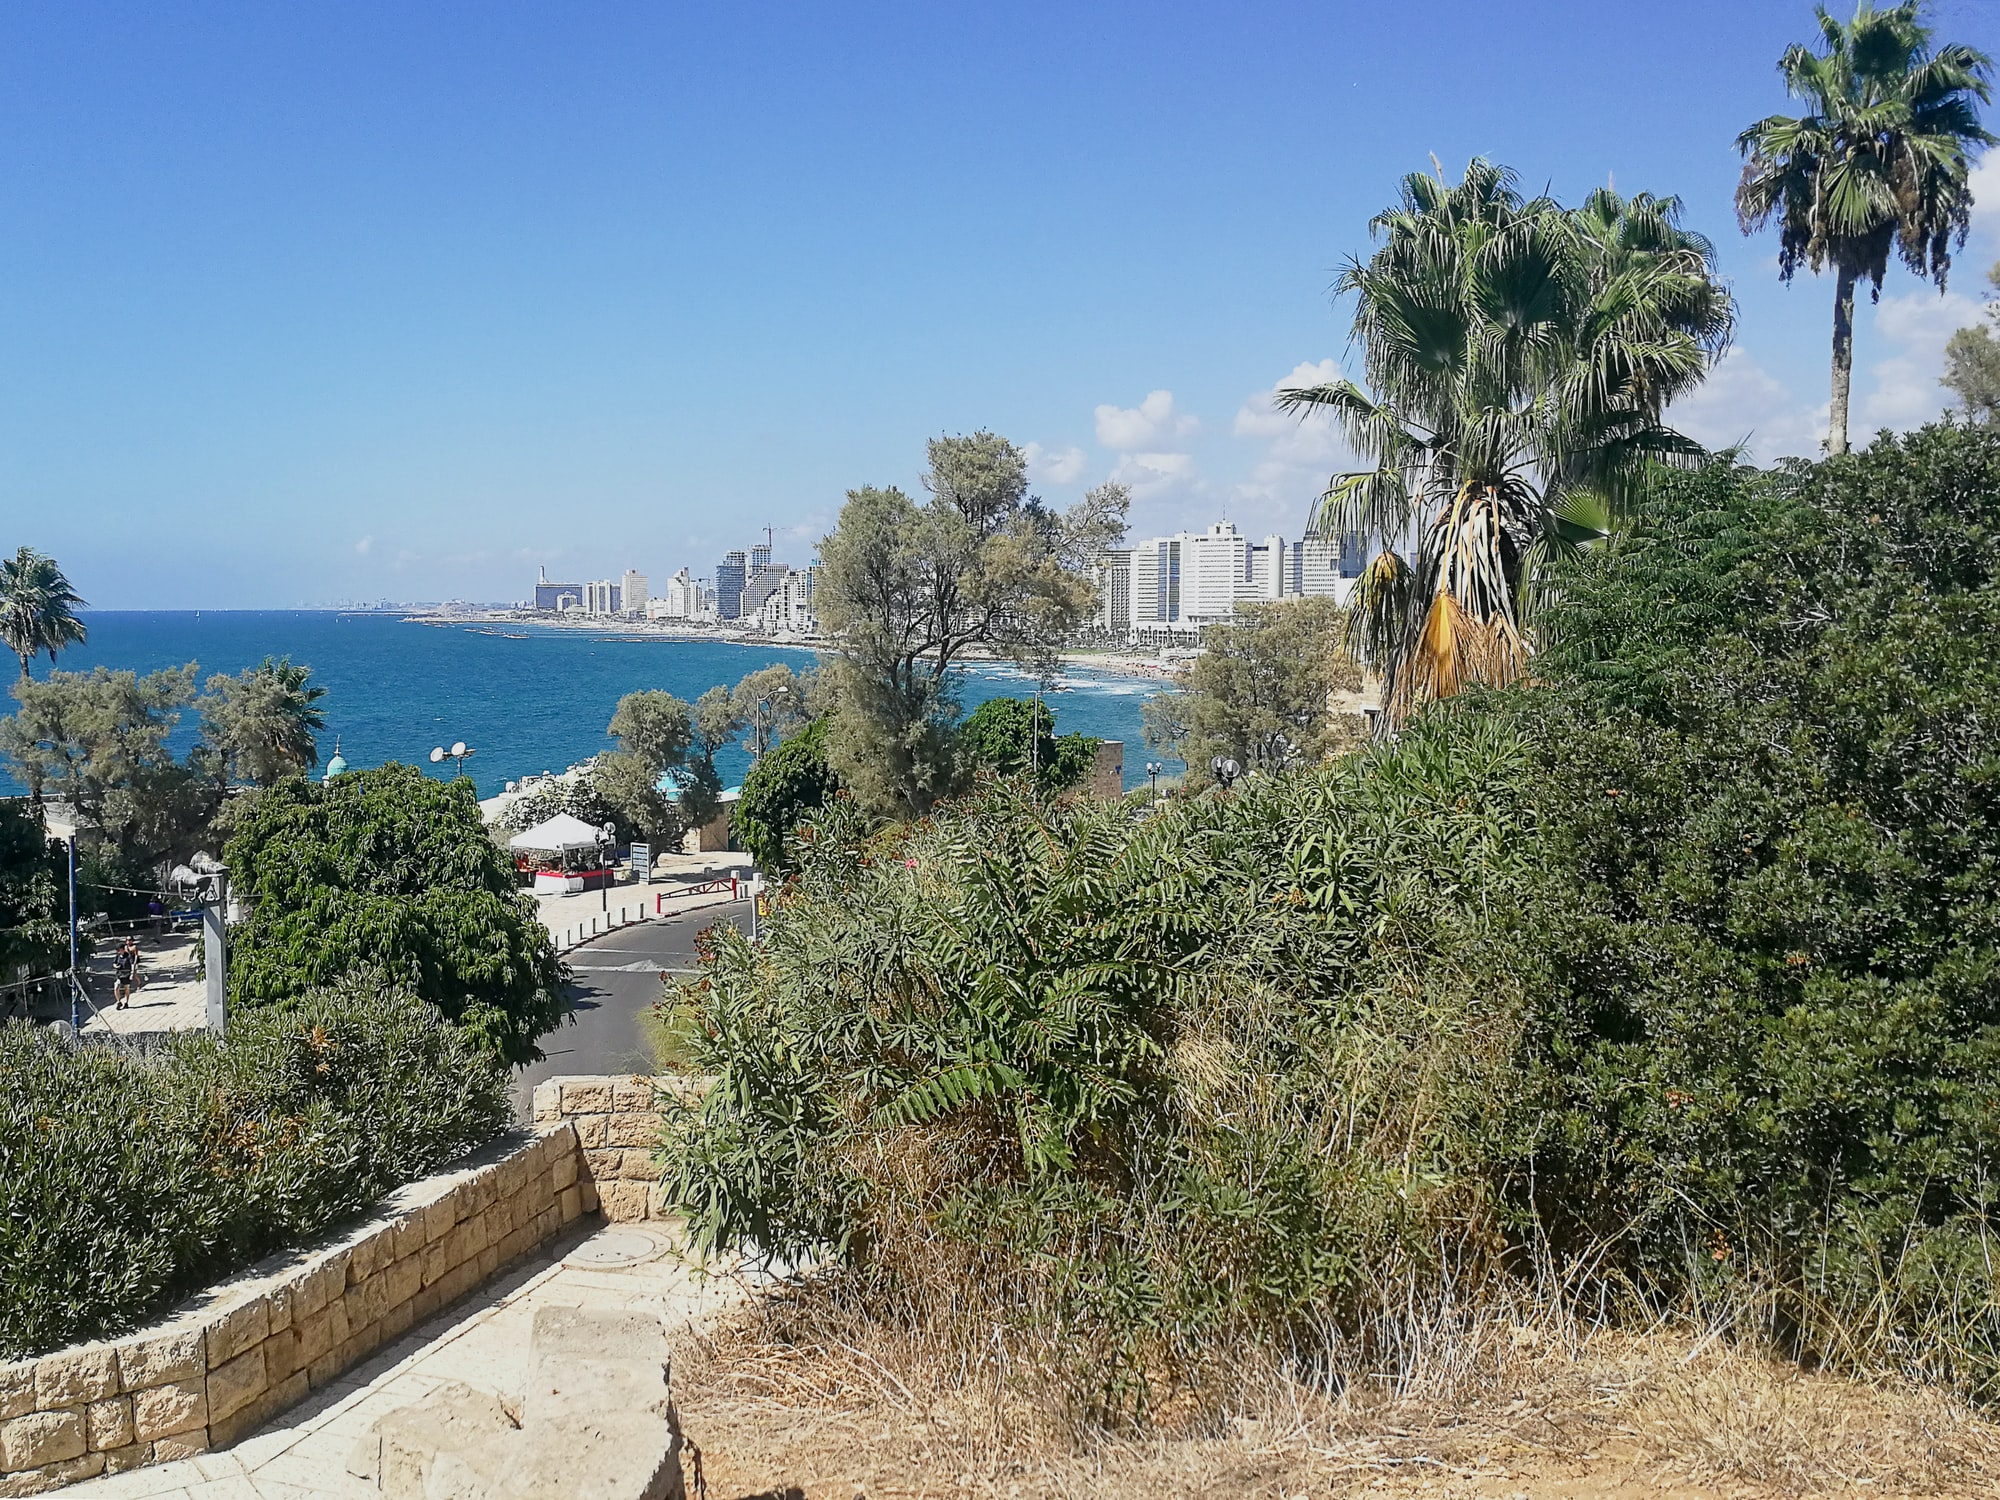 Тель-Авив превзошел все европейские города по ценам на недвижимость в 2019 году